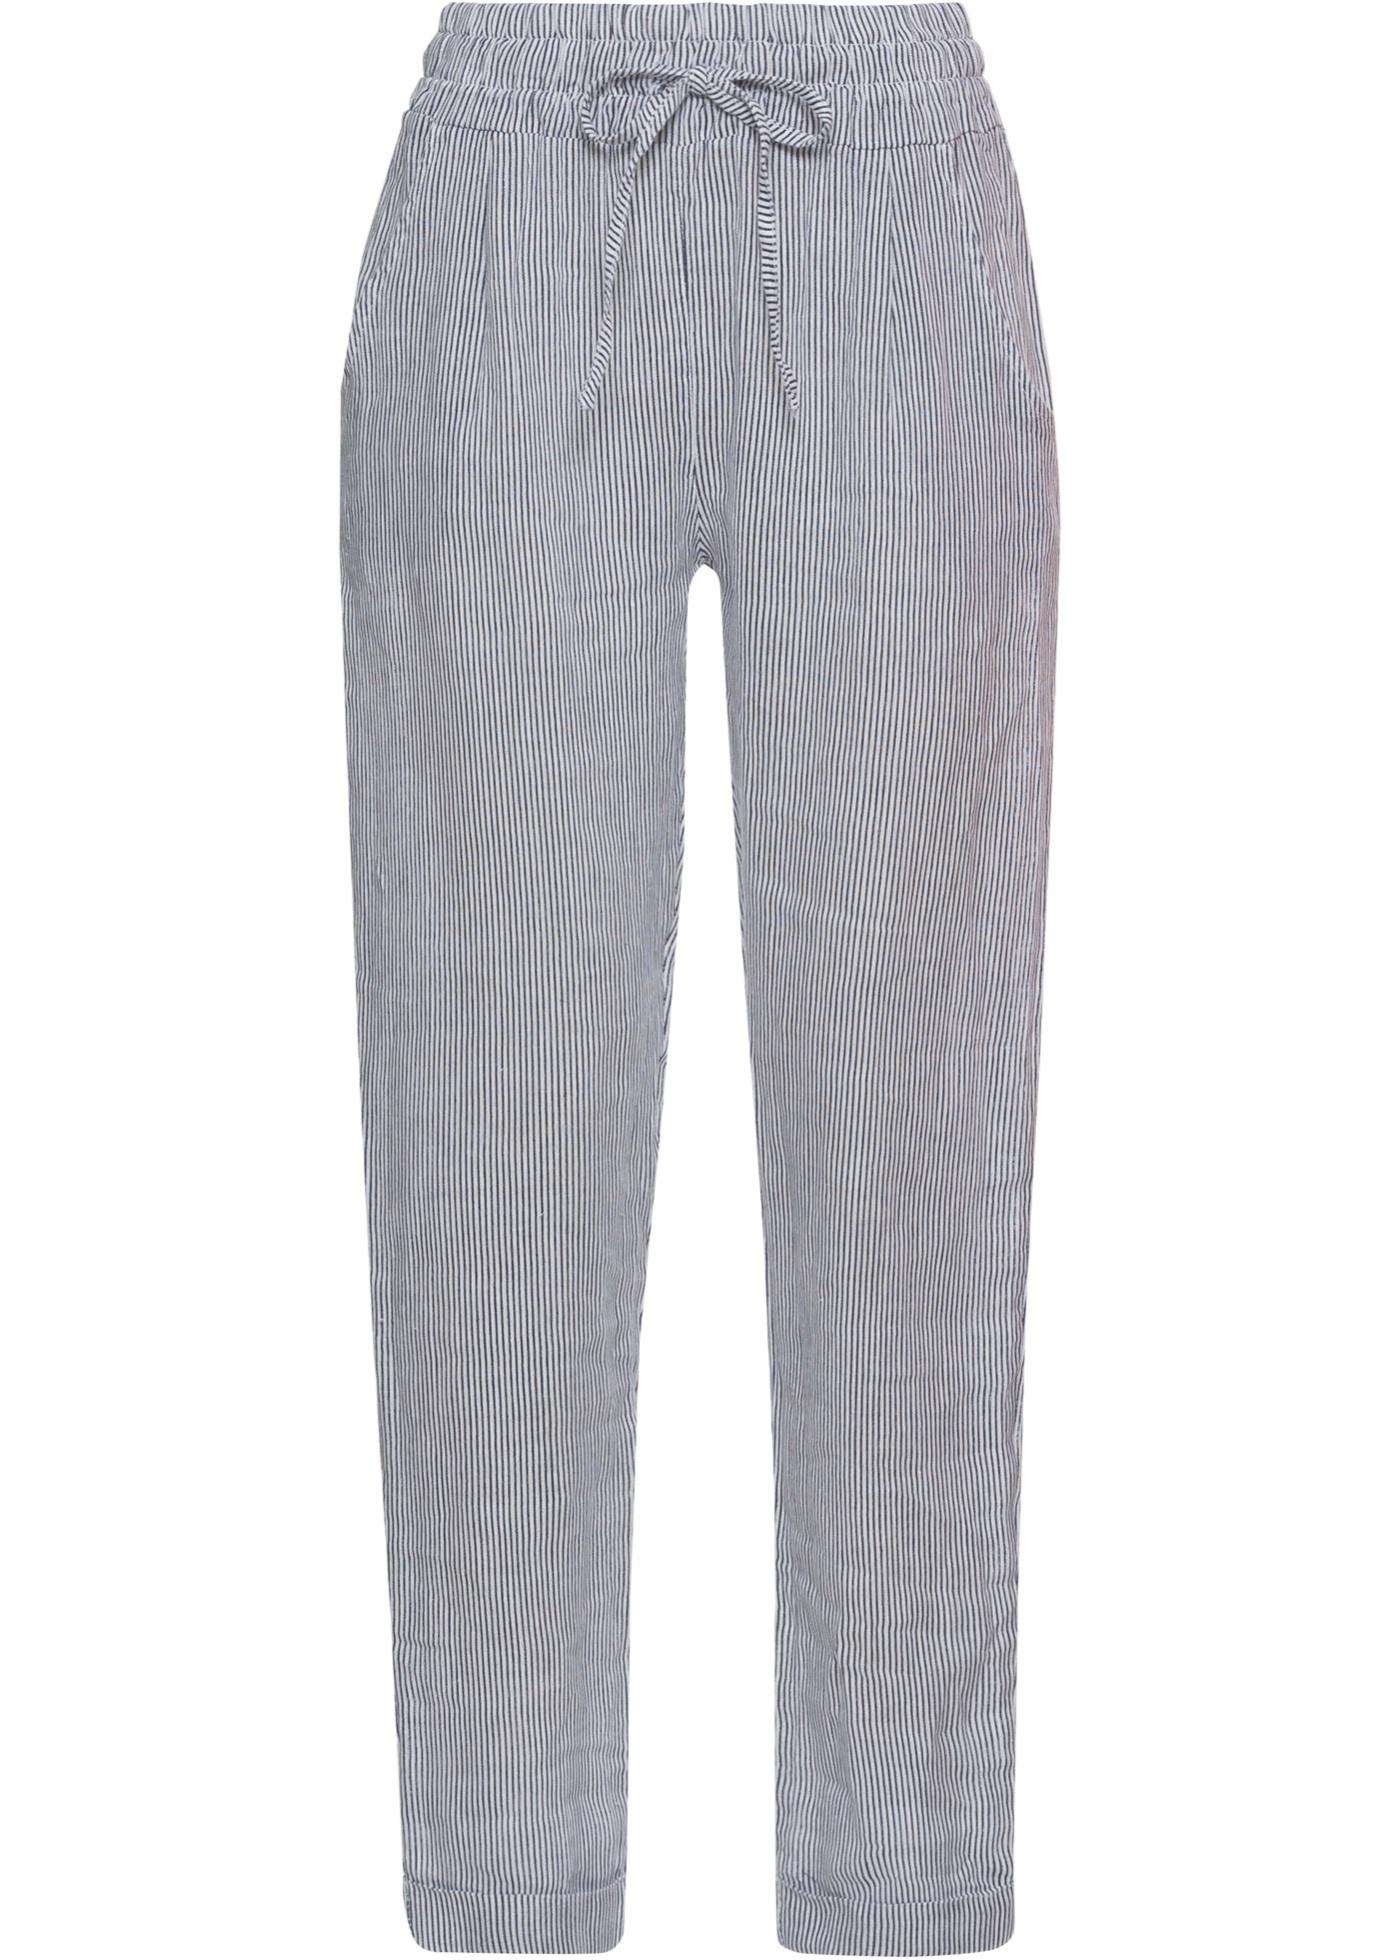 """Pantalon estival en lin de la marque BODYFLIRT. Le pantalon est doté d""""un large empiècement élastique à la taille et d""""un cordon à nouer. Avec poches latérales. Long. entrejambe env. 71,5 cm."""